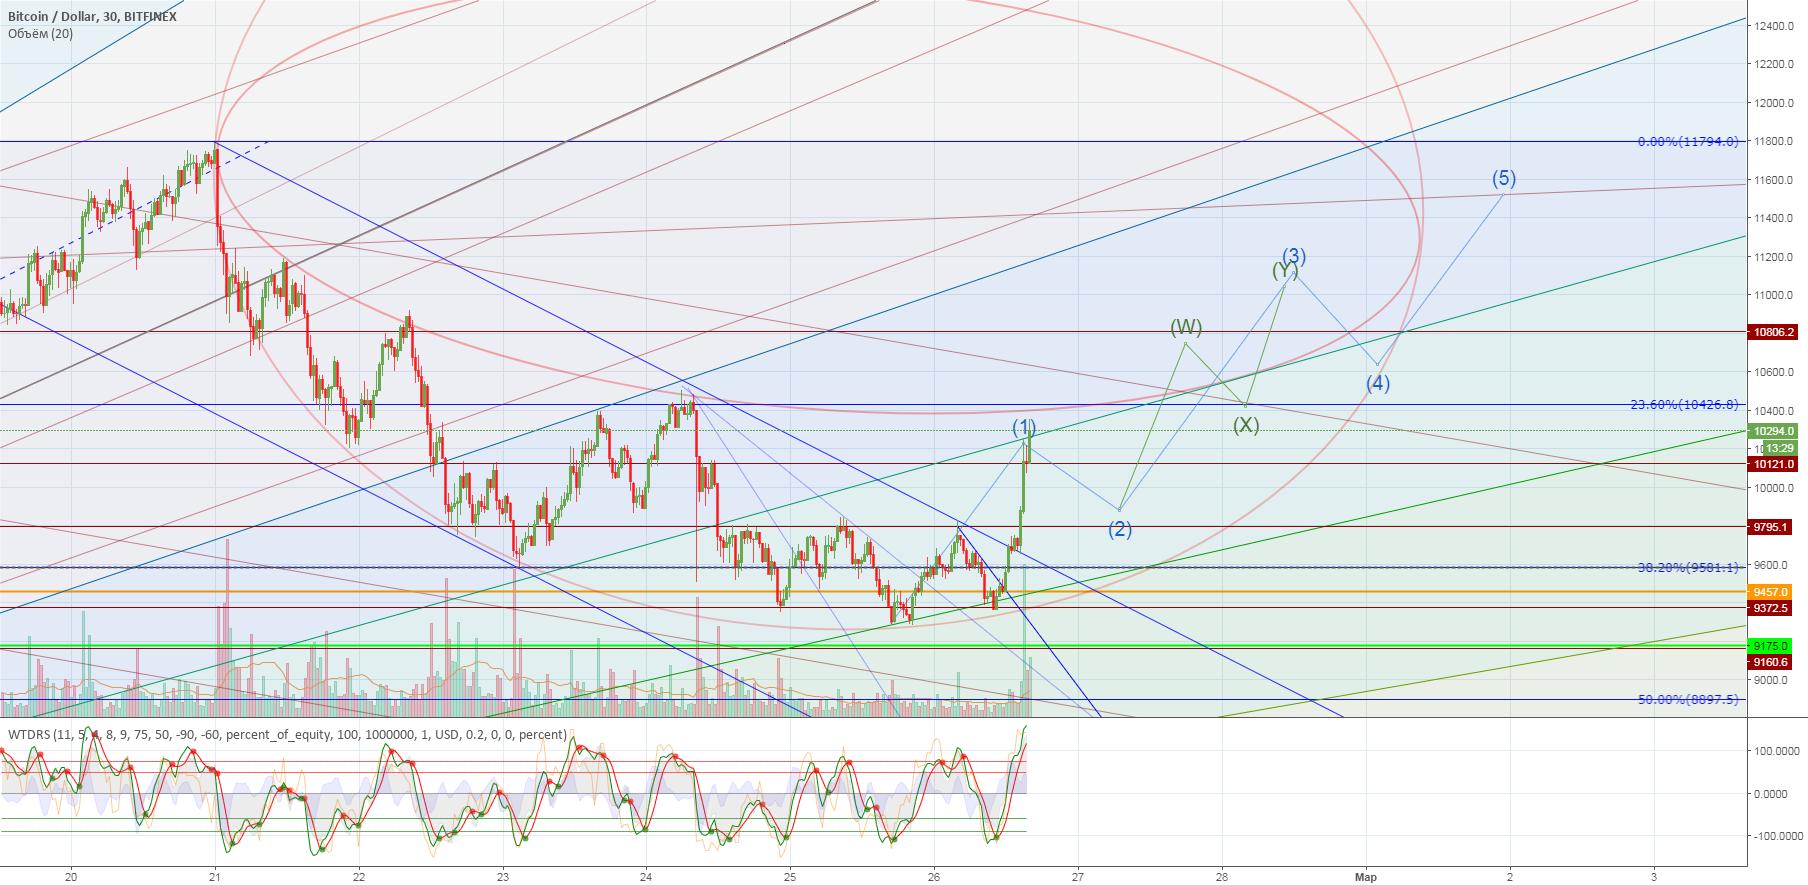 BTC/USD Завершение коррекции и продолжение движения вверх